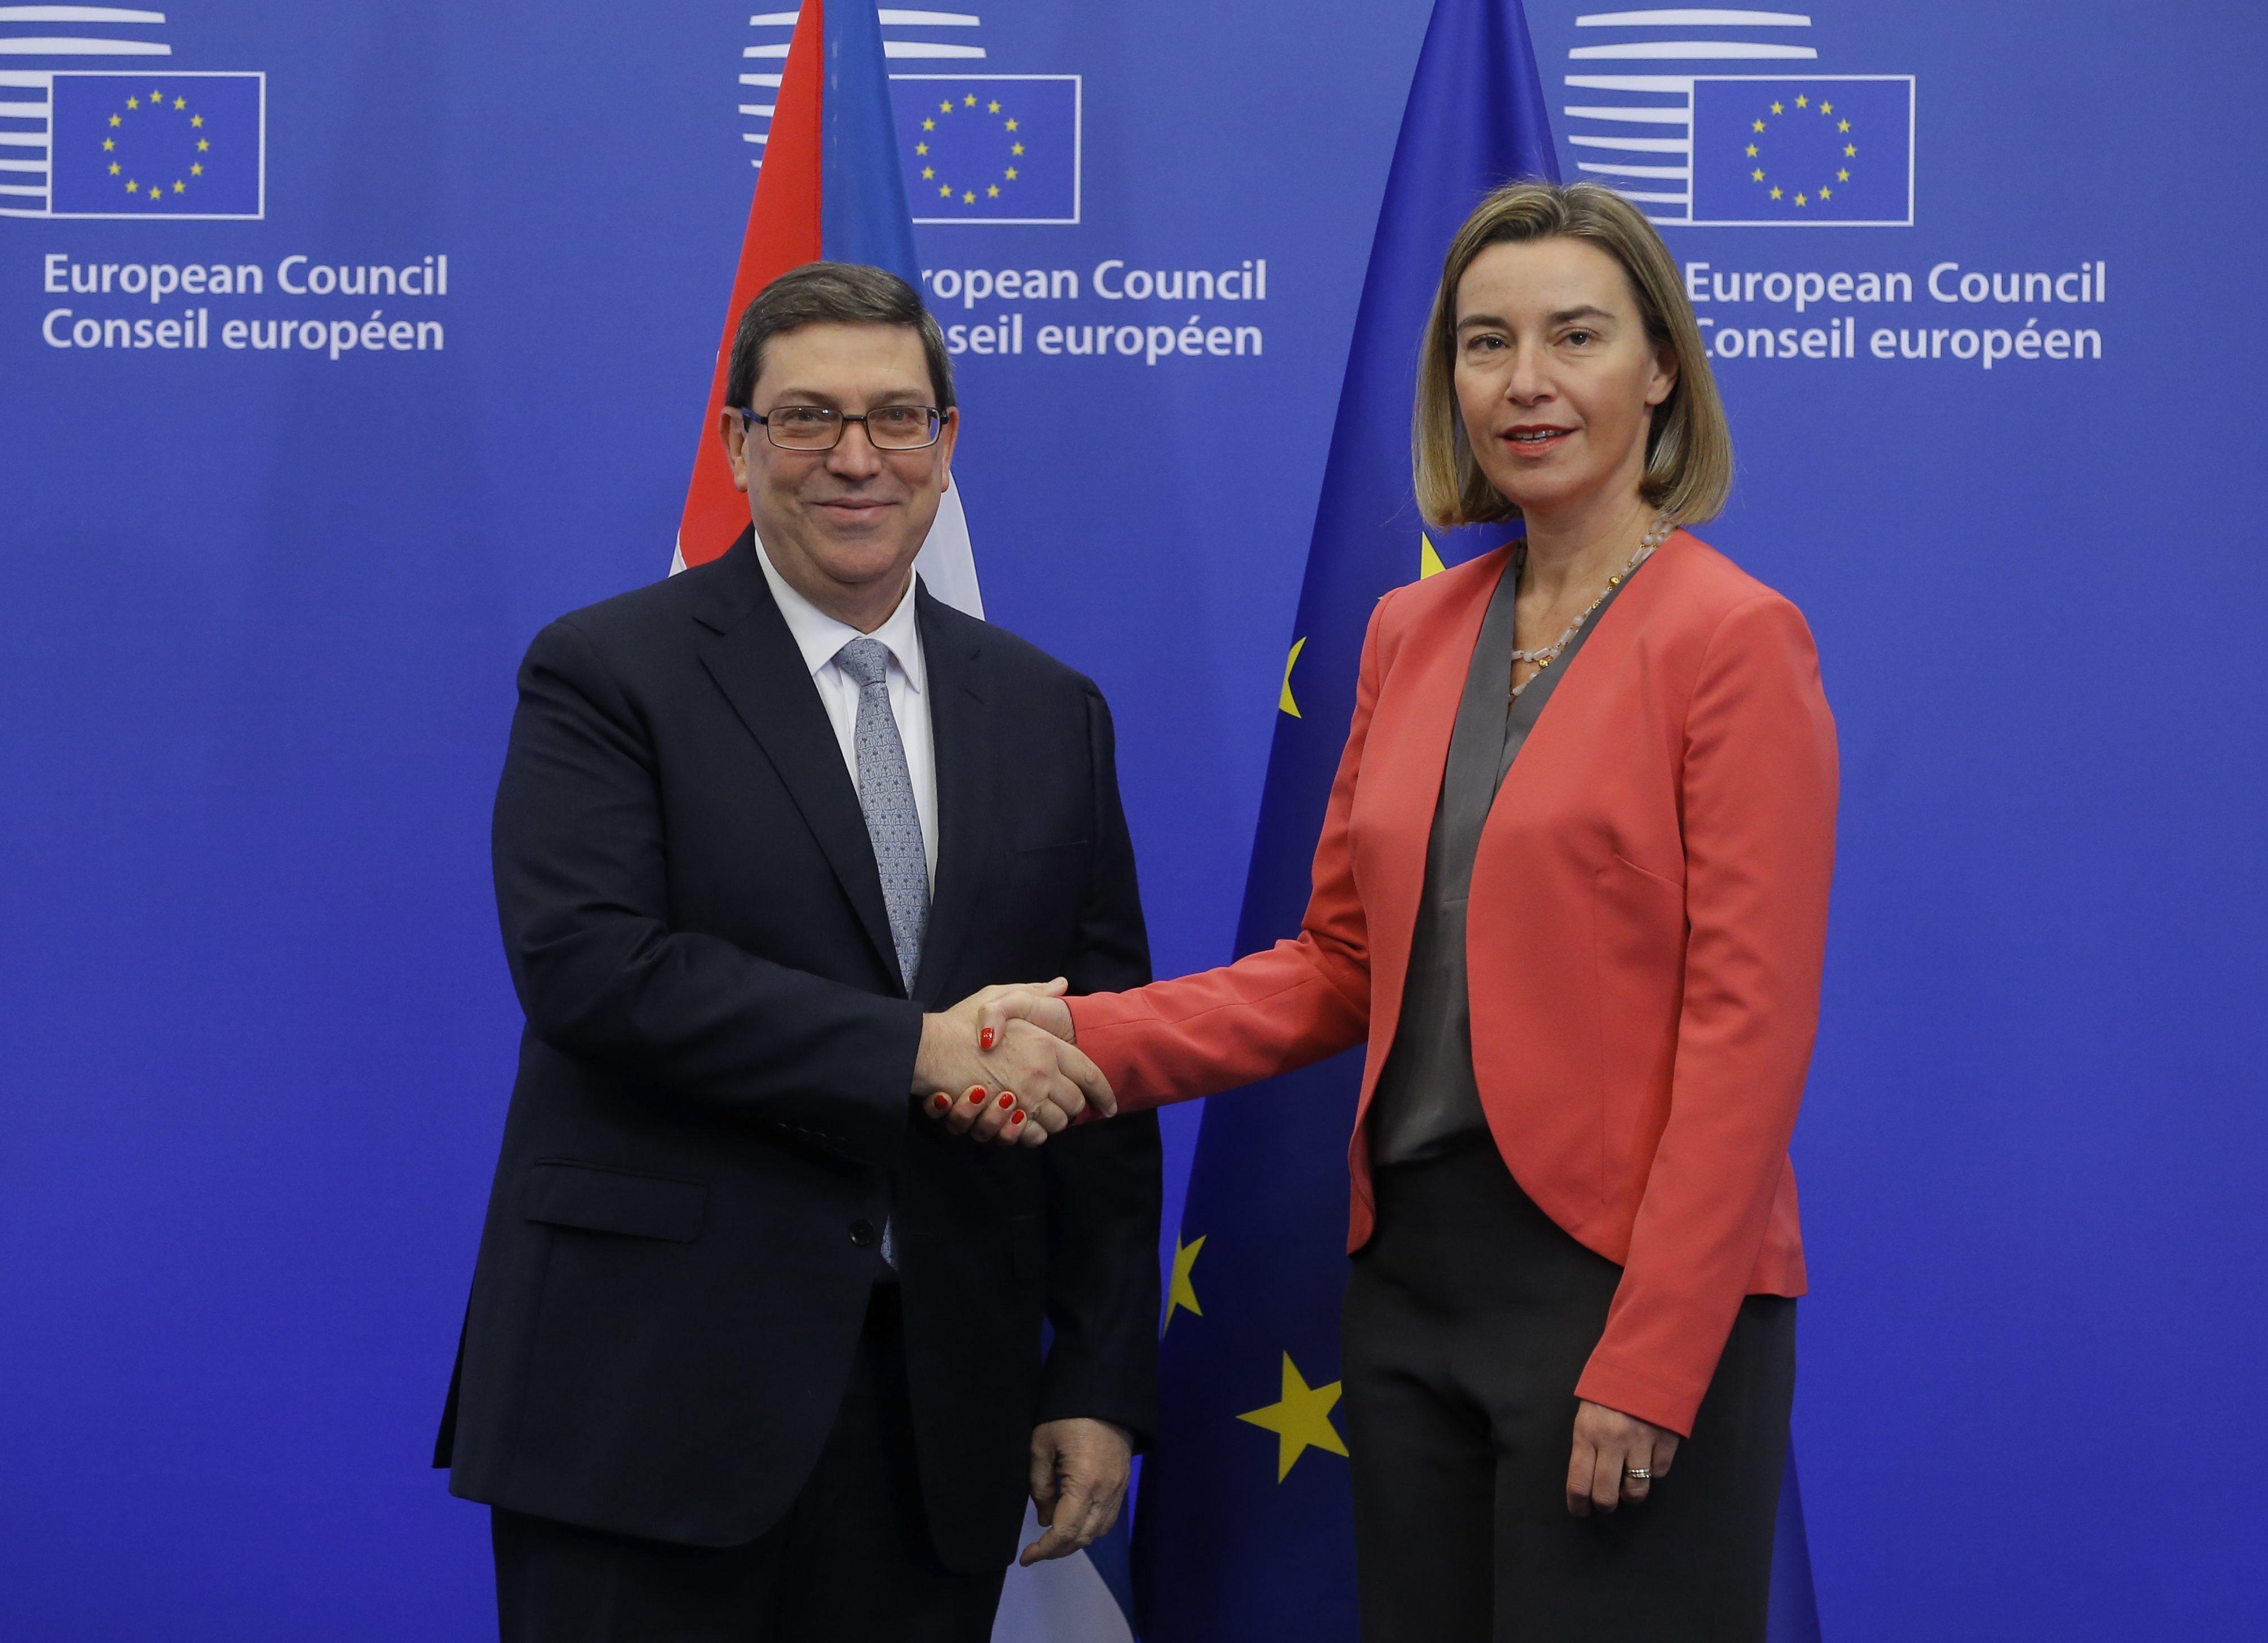 BRU03 BRUSELAS (BÉLGICA) 12/12/2016.- El ministro cubano de Exteriores, Bruno Rodríguez (i), saluda a la jefa de la diplomacia europea, Federica Mogherini, antes de la reunión sobre el acuerdo de diálogo y cooperación UE-Cuba en Bruselas (Bélgica) hoy, 12 de diciembre de 2016. EFE/Olivier Hoslet